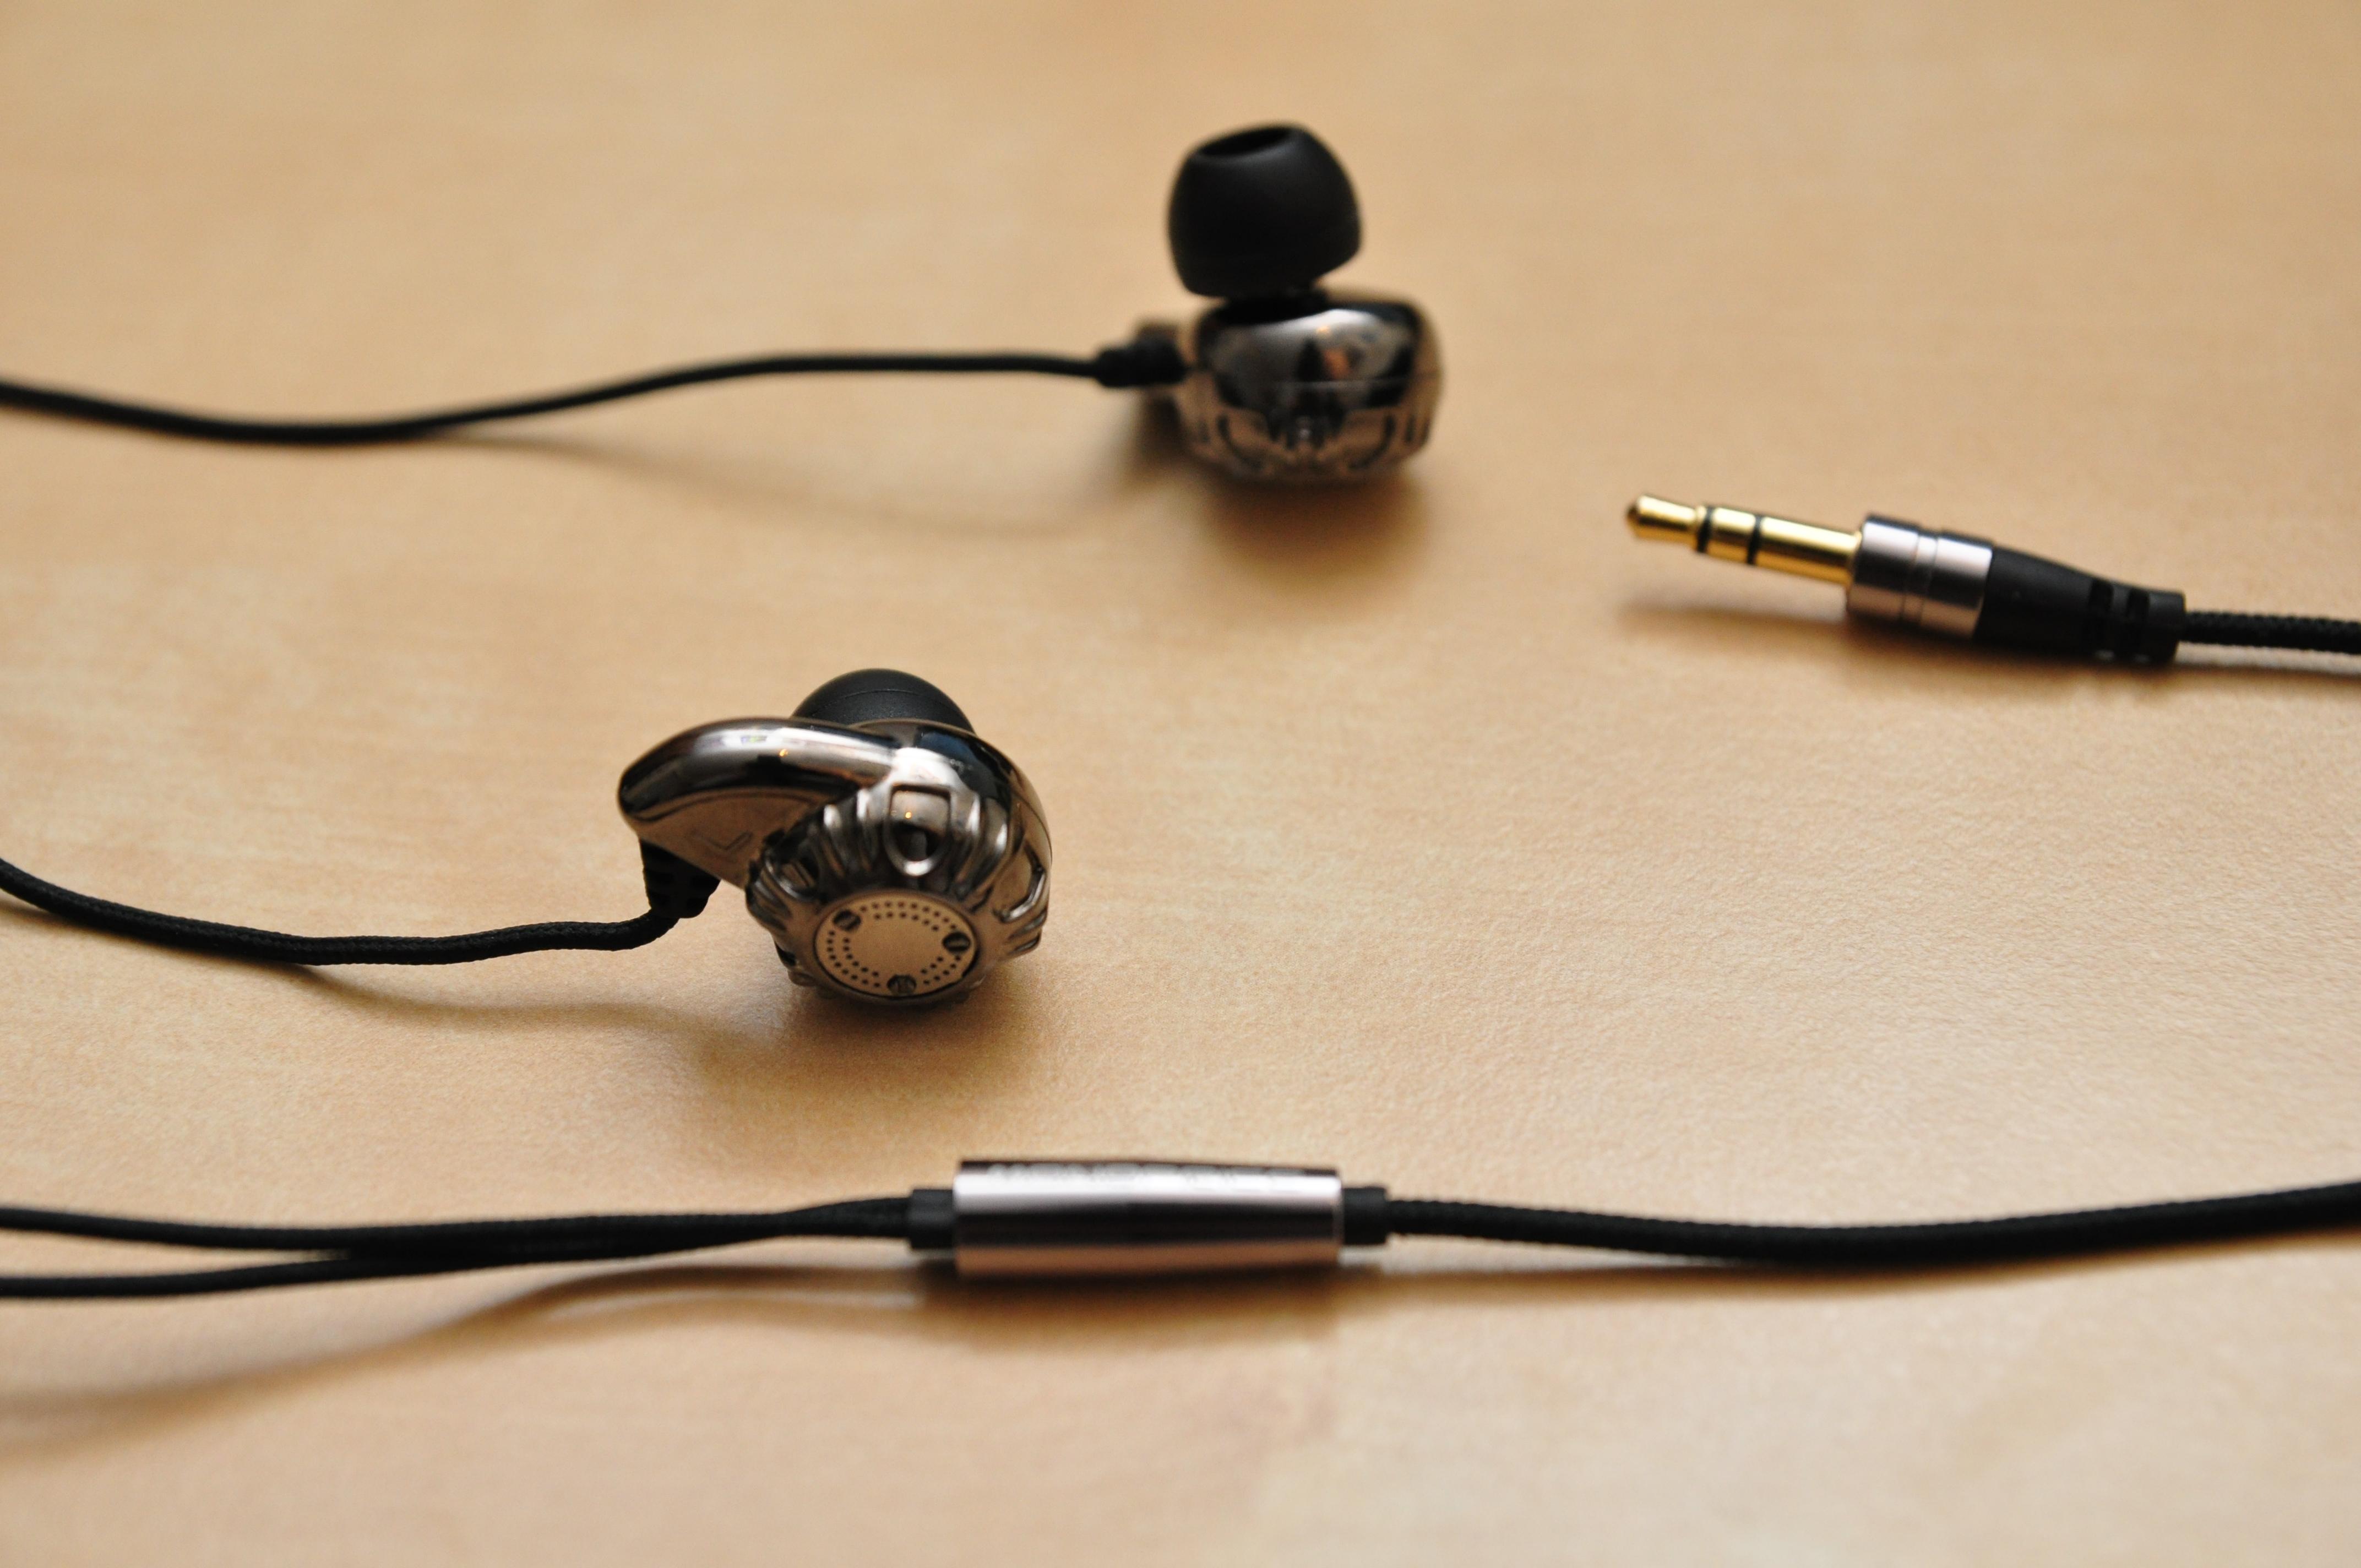 Multiple Budget Iems Reviewed 22 Total Samsung Stock Ehs44 Original Sennheiser Cx200 Bass Earphone Headset Headphone Loosing Pack Dsc 1352